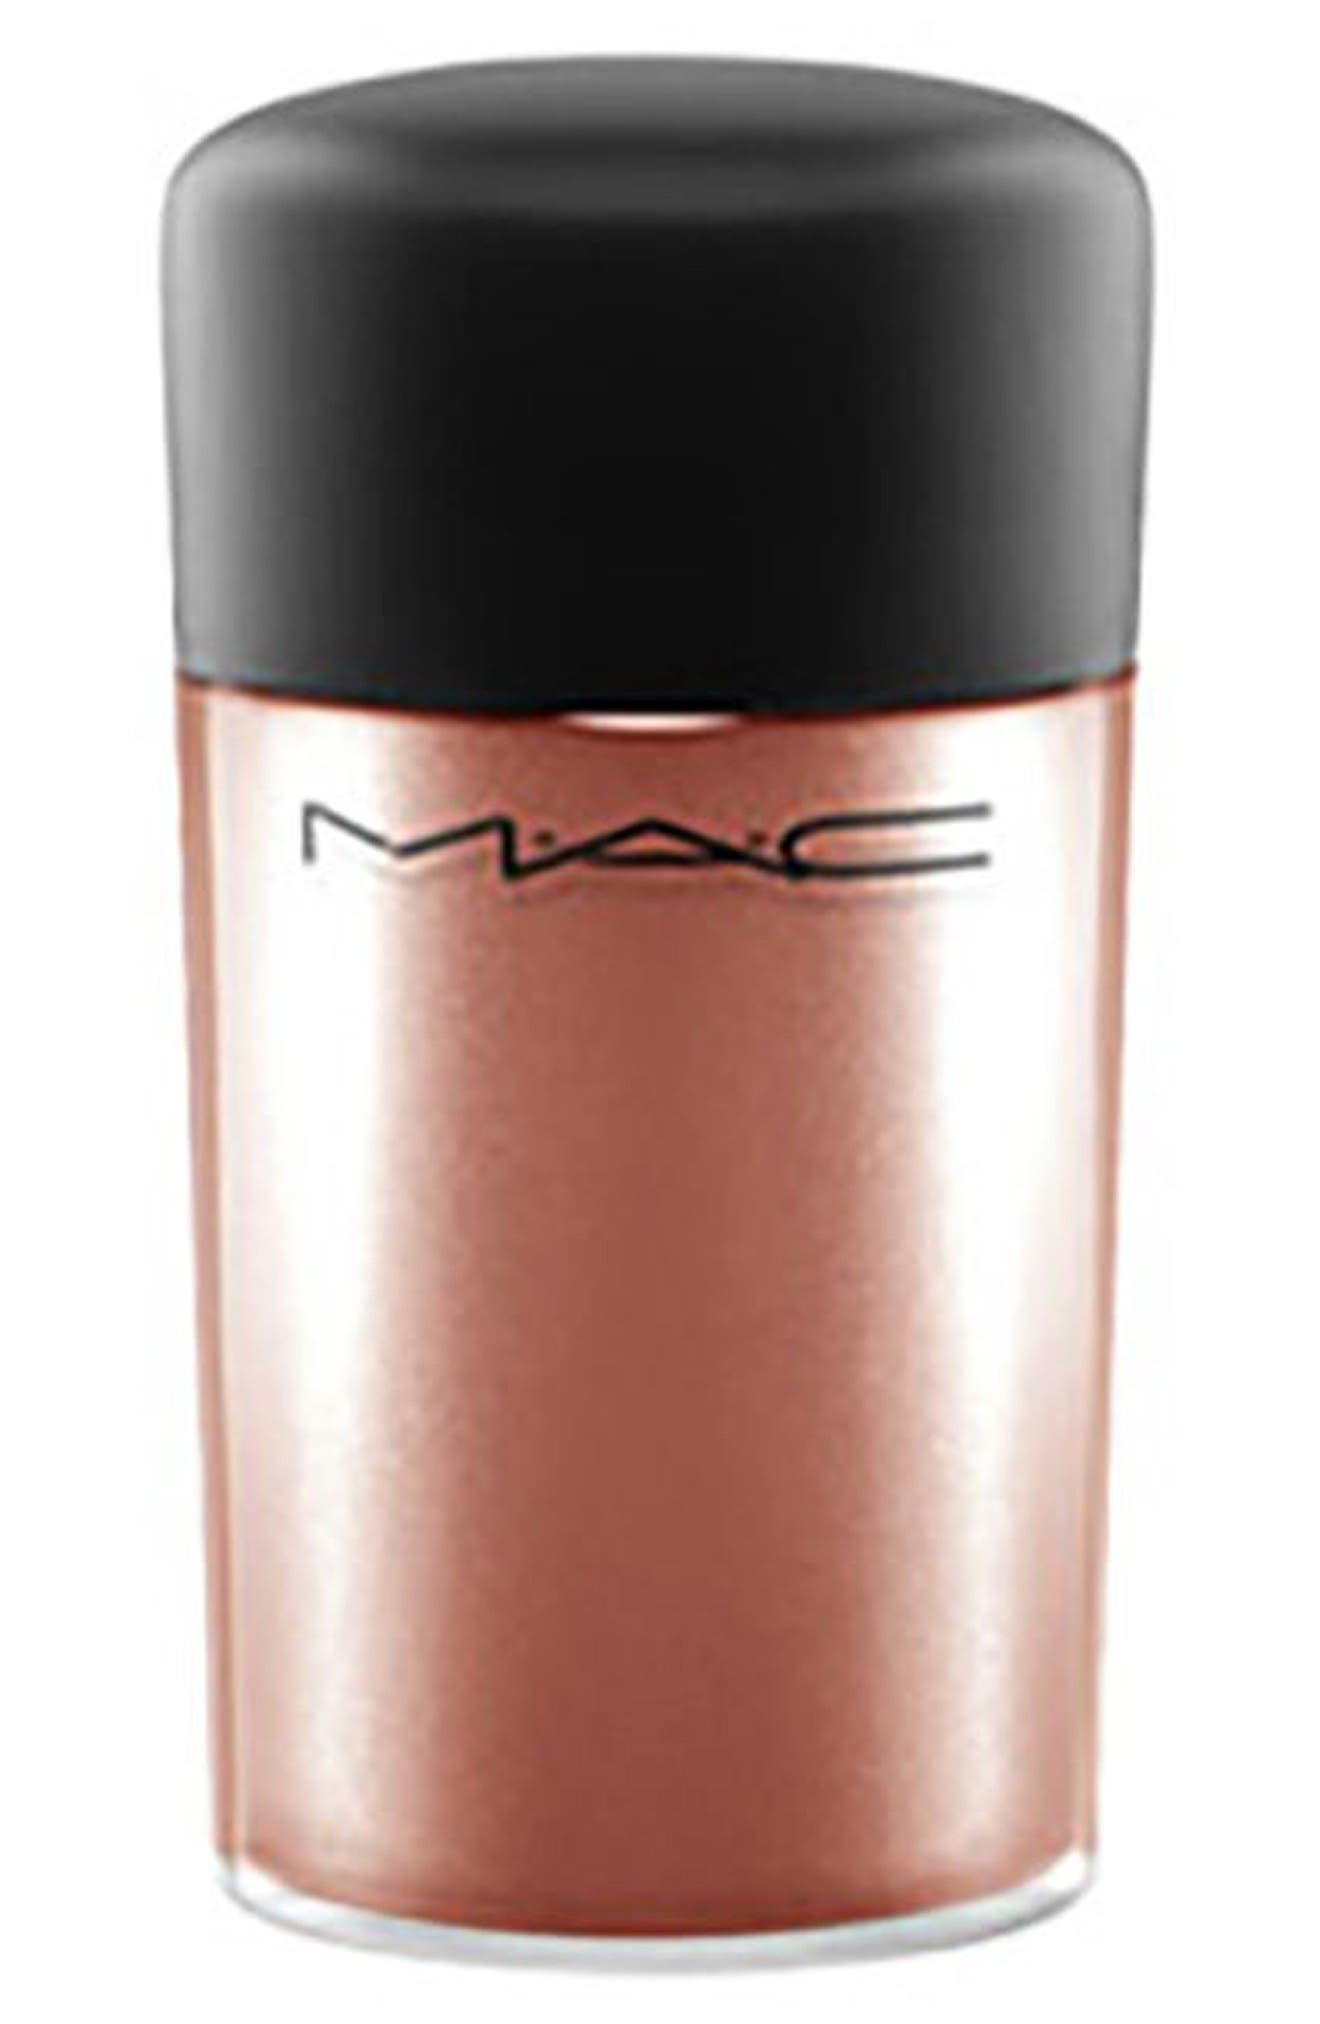 MAC Pro Pigments